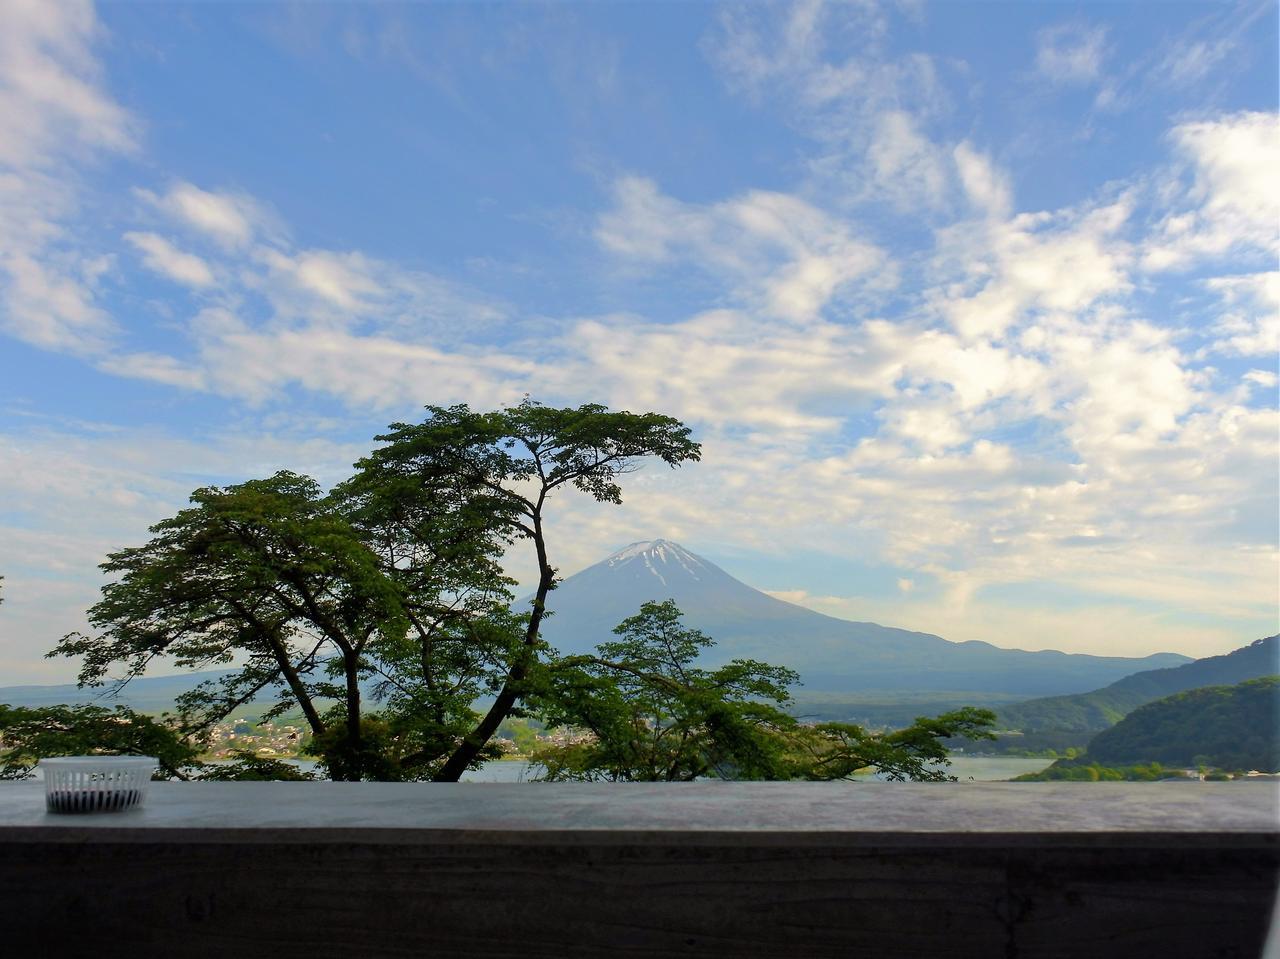 画像: キャビンのテラスリビングのソファから、富士山と河口湖が目前に迫って来る(ちなみに手前の木は桜。シーズンには桜と富士と河口湖が目前に望める、スペシャルビューだ)